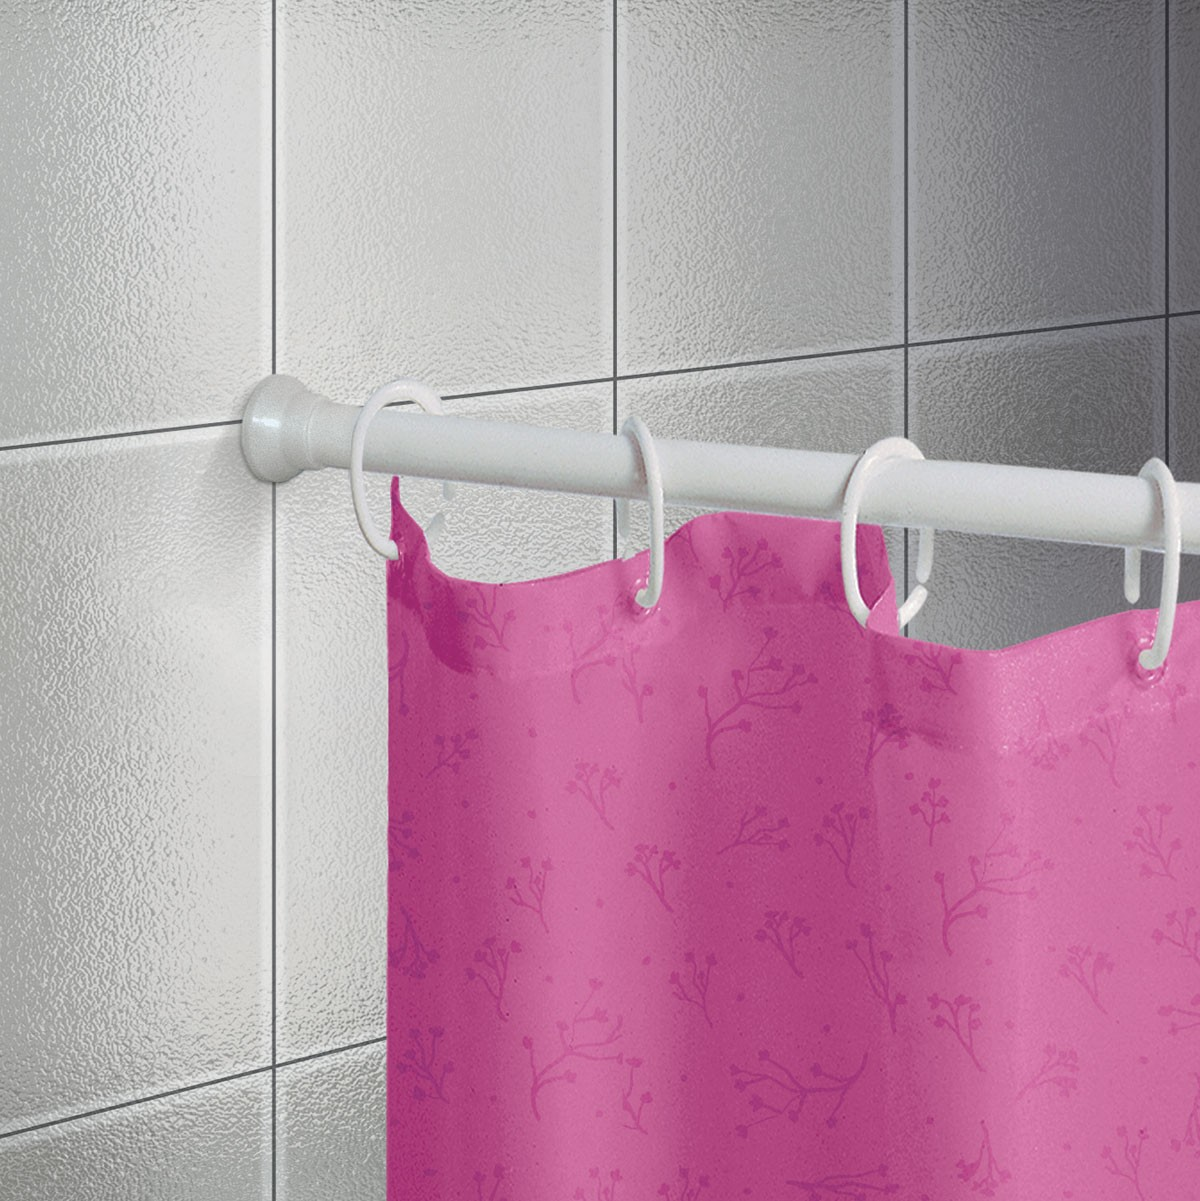 Βραχίονας Μπάνιου Πτυσσόμενος 125-220cm Joy Bath White